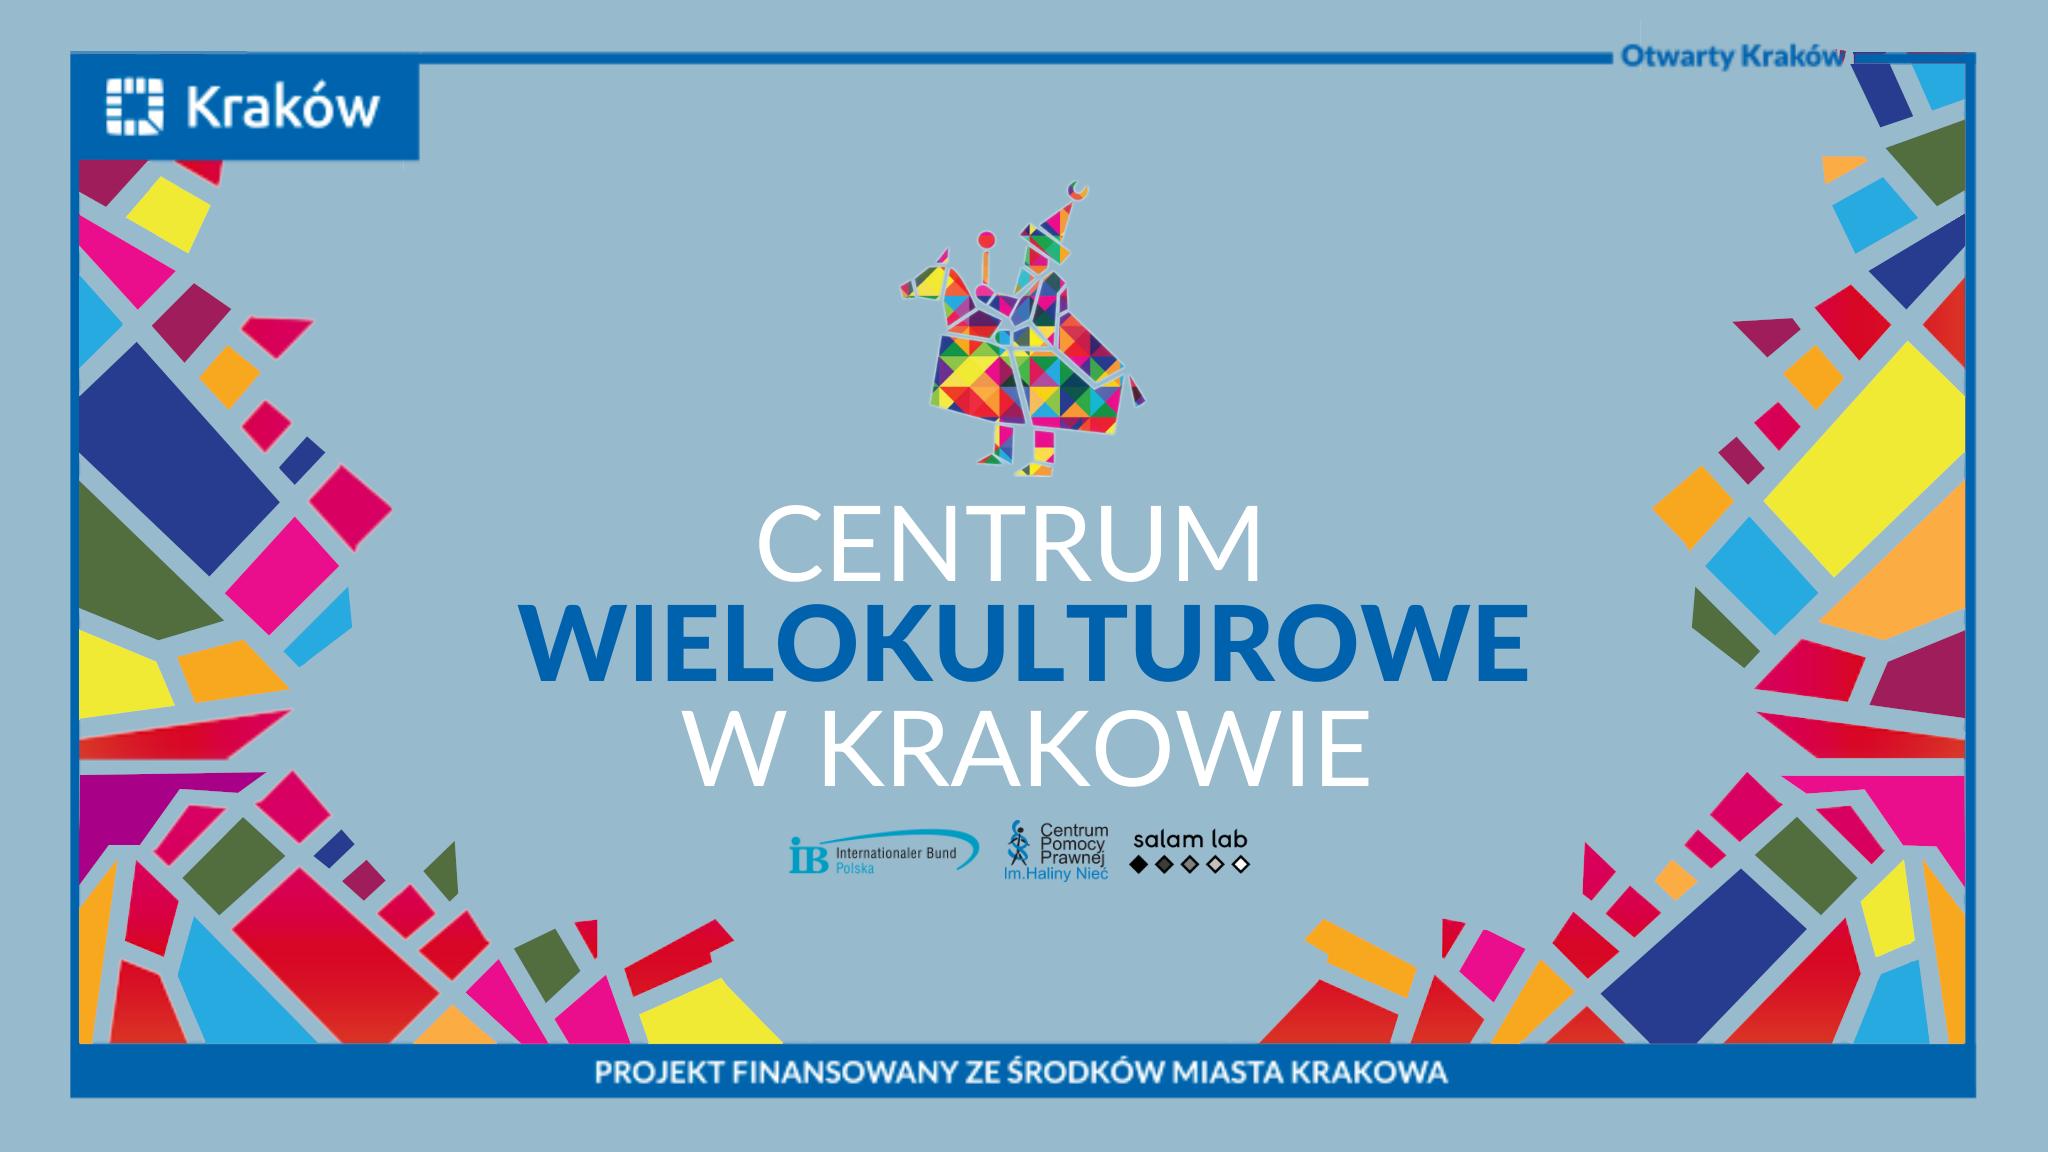 Centrum Wielonulturowe w Krakowie